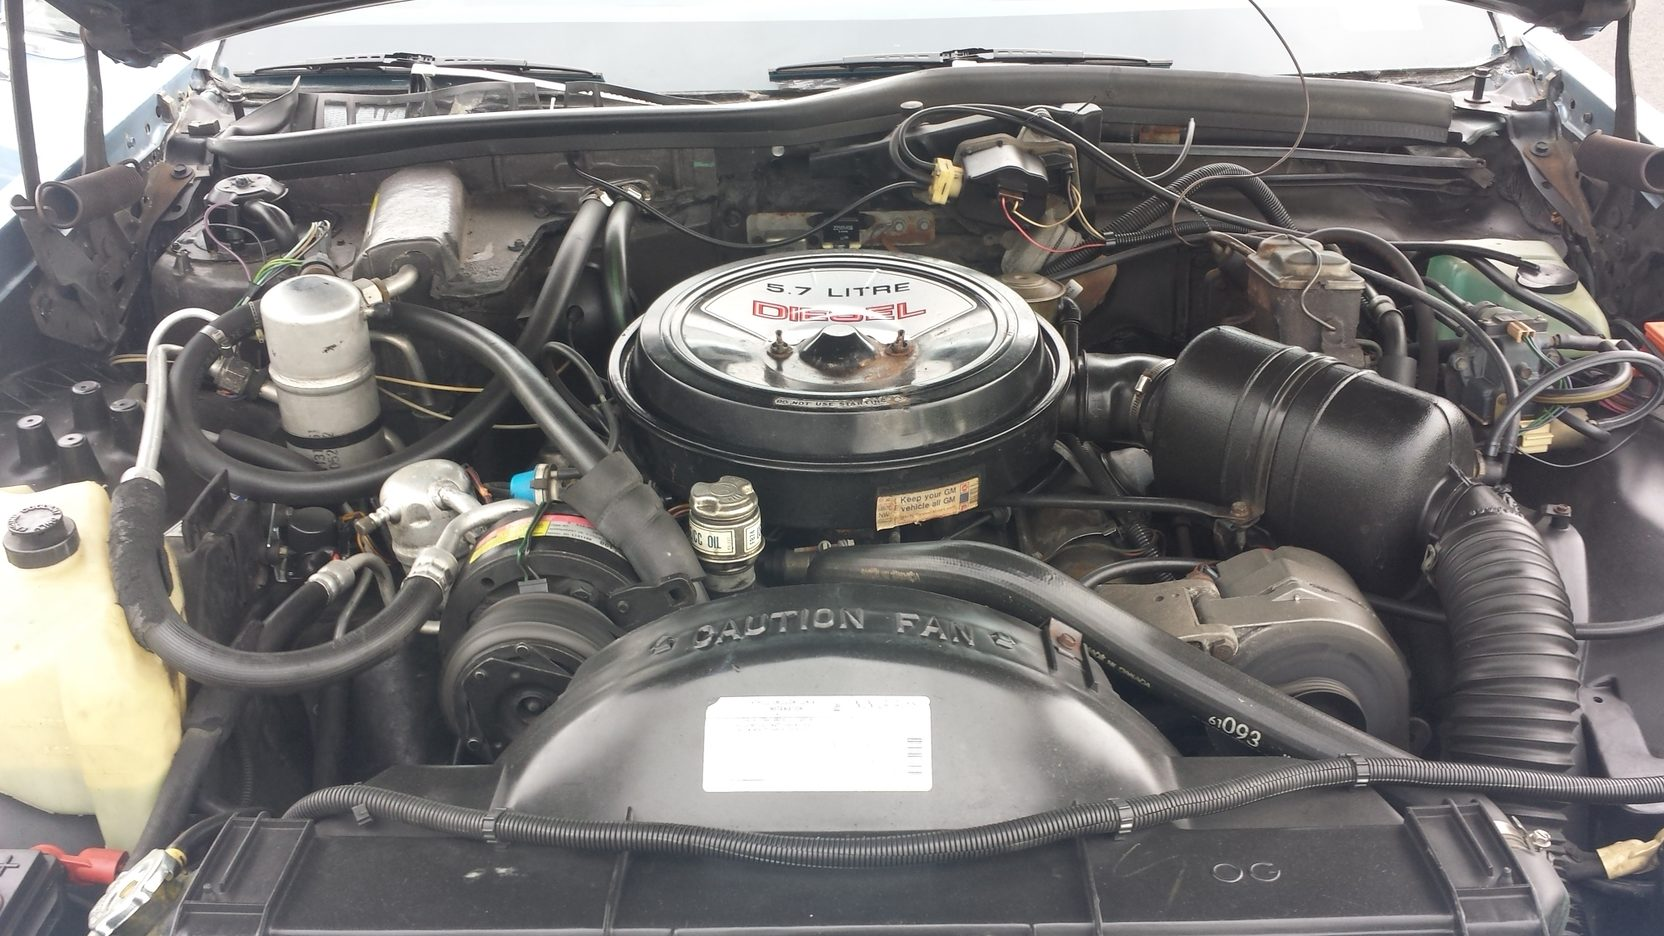 1981 Oldsmobile Delta 88 Royal engine